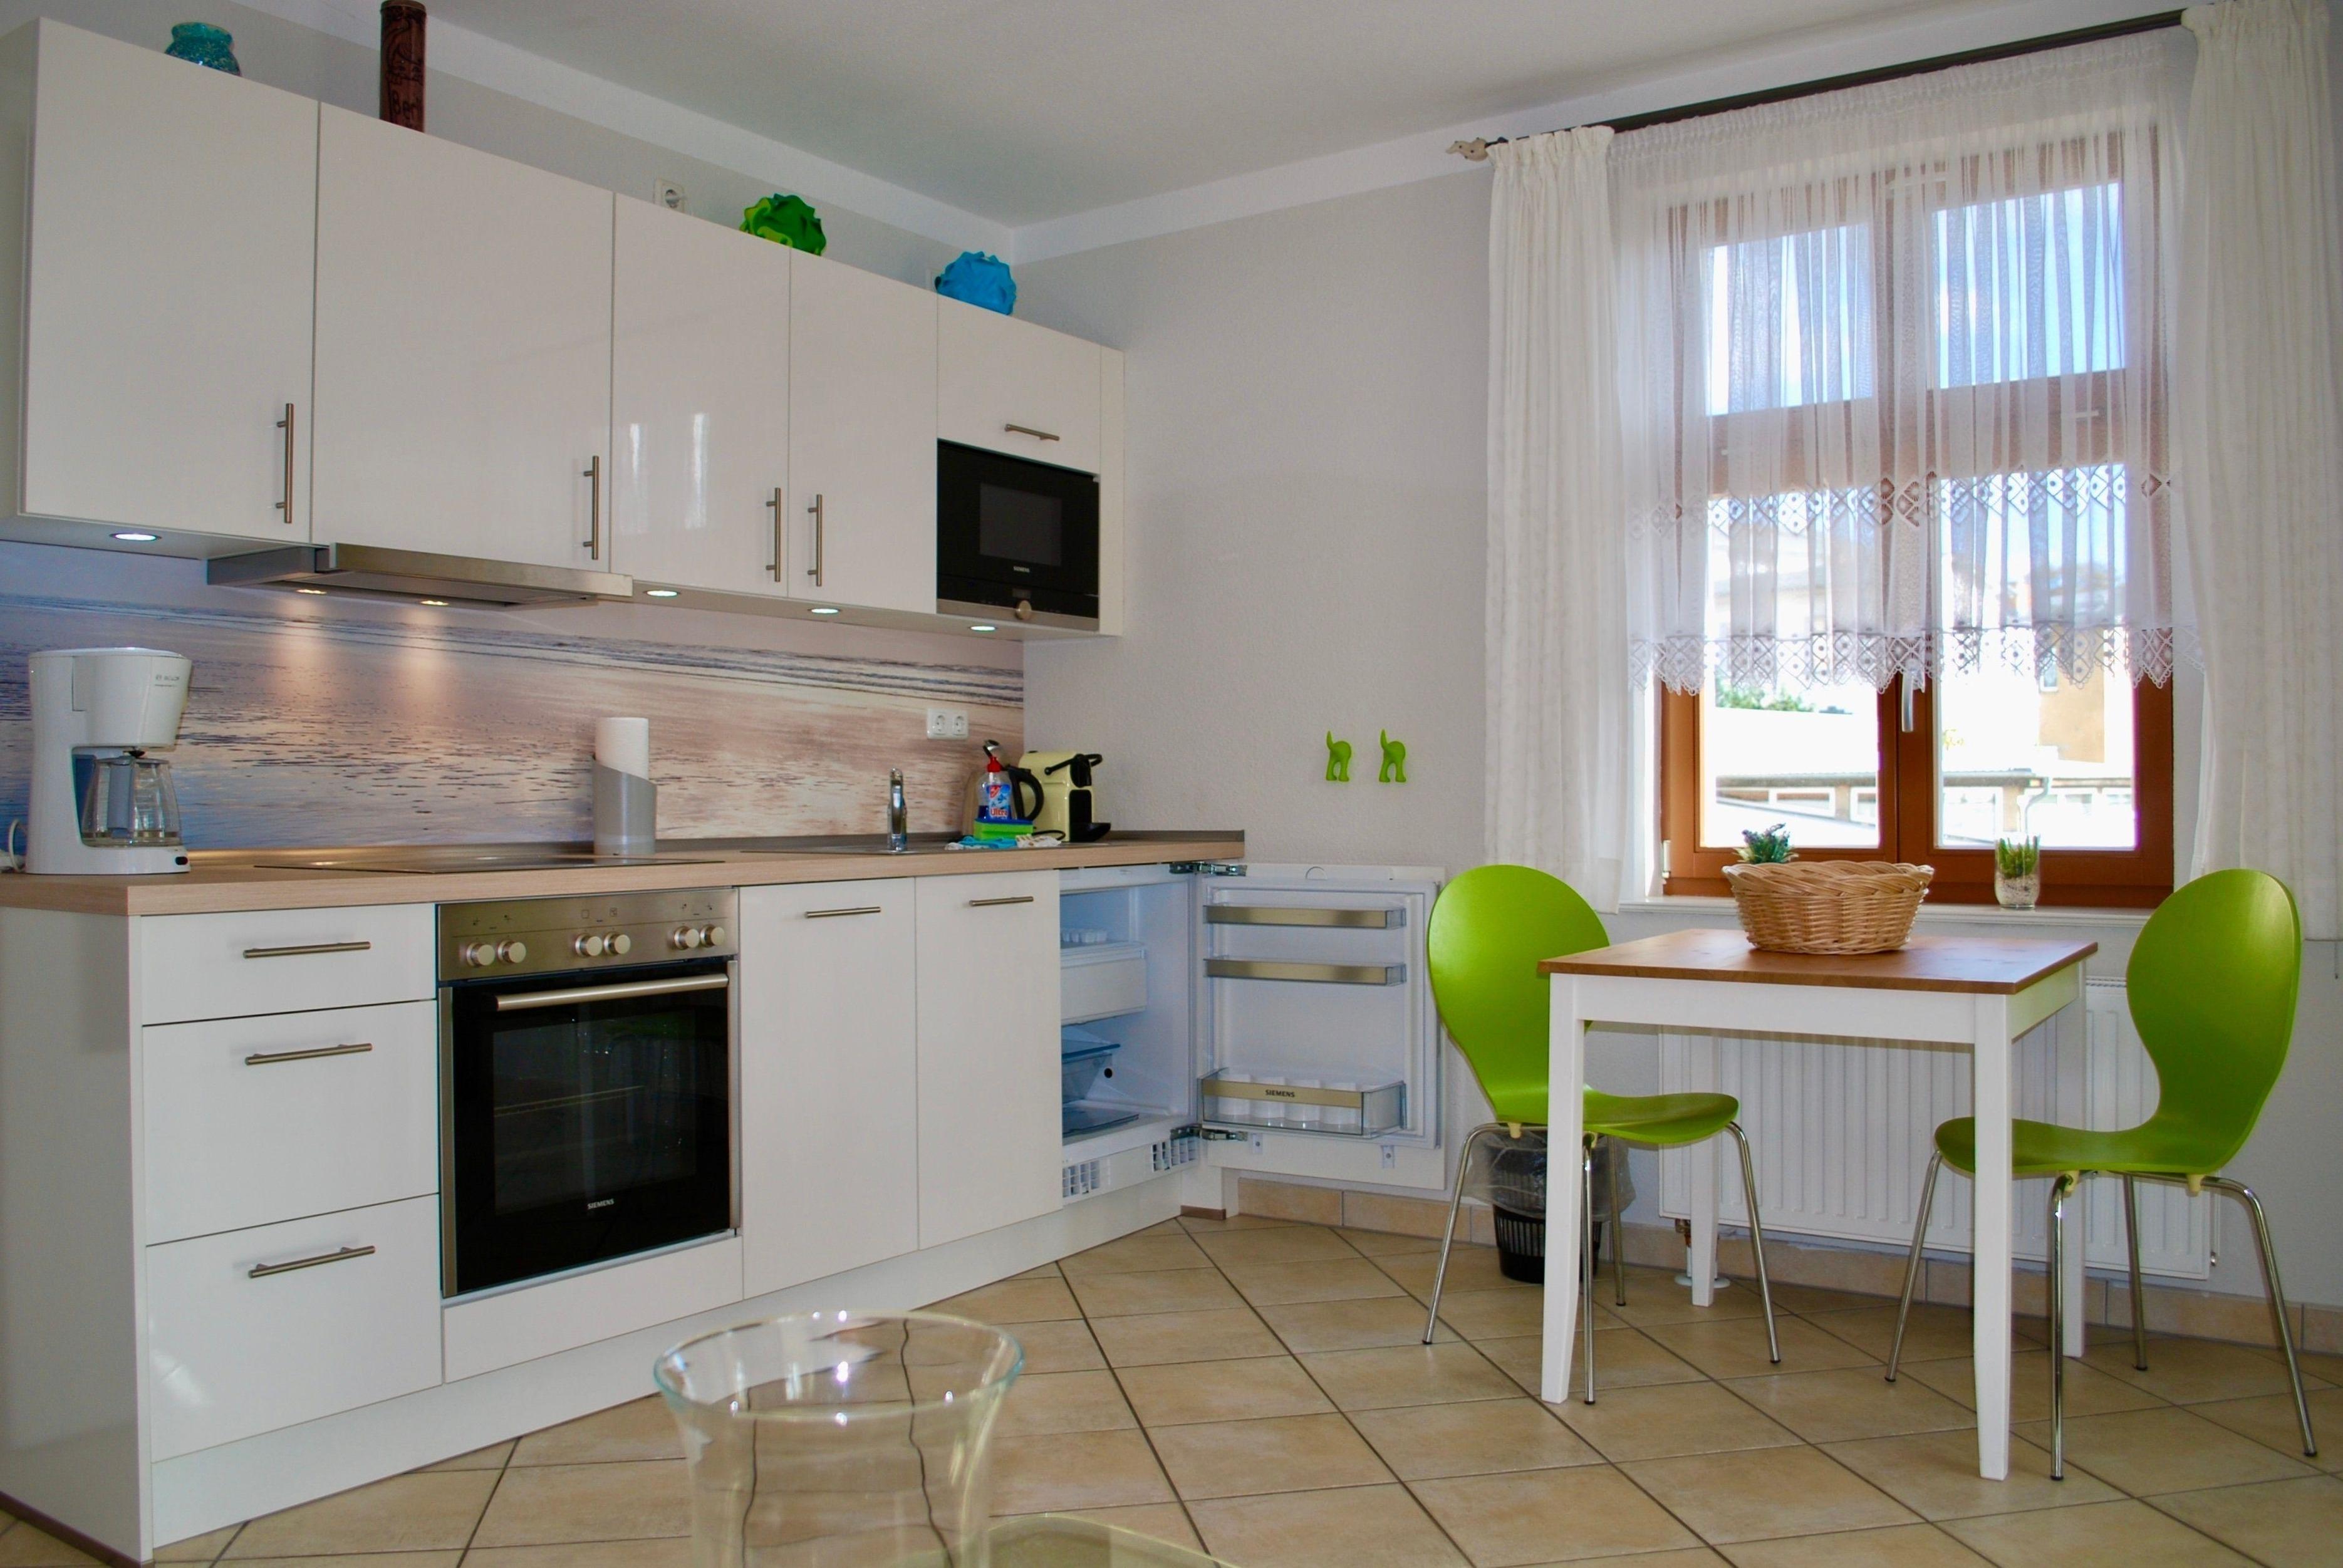 Bellevue App. 15 Ferienwohnung auf Usedom